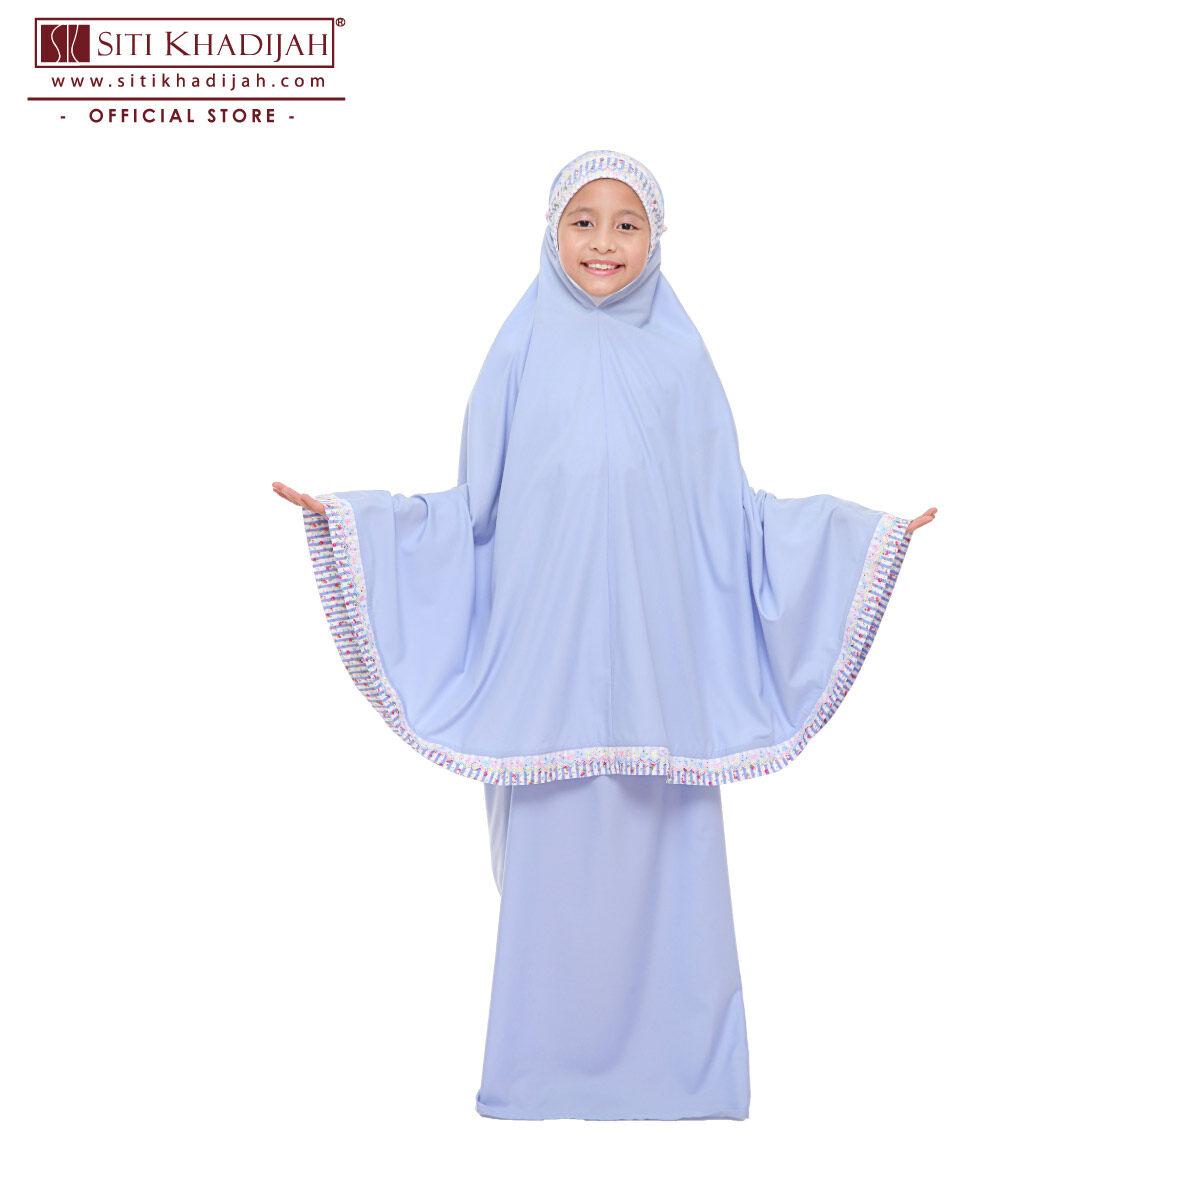 Telekung Siti Khadijah Kids Qaleisya (One Set)